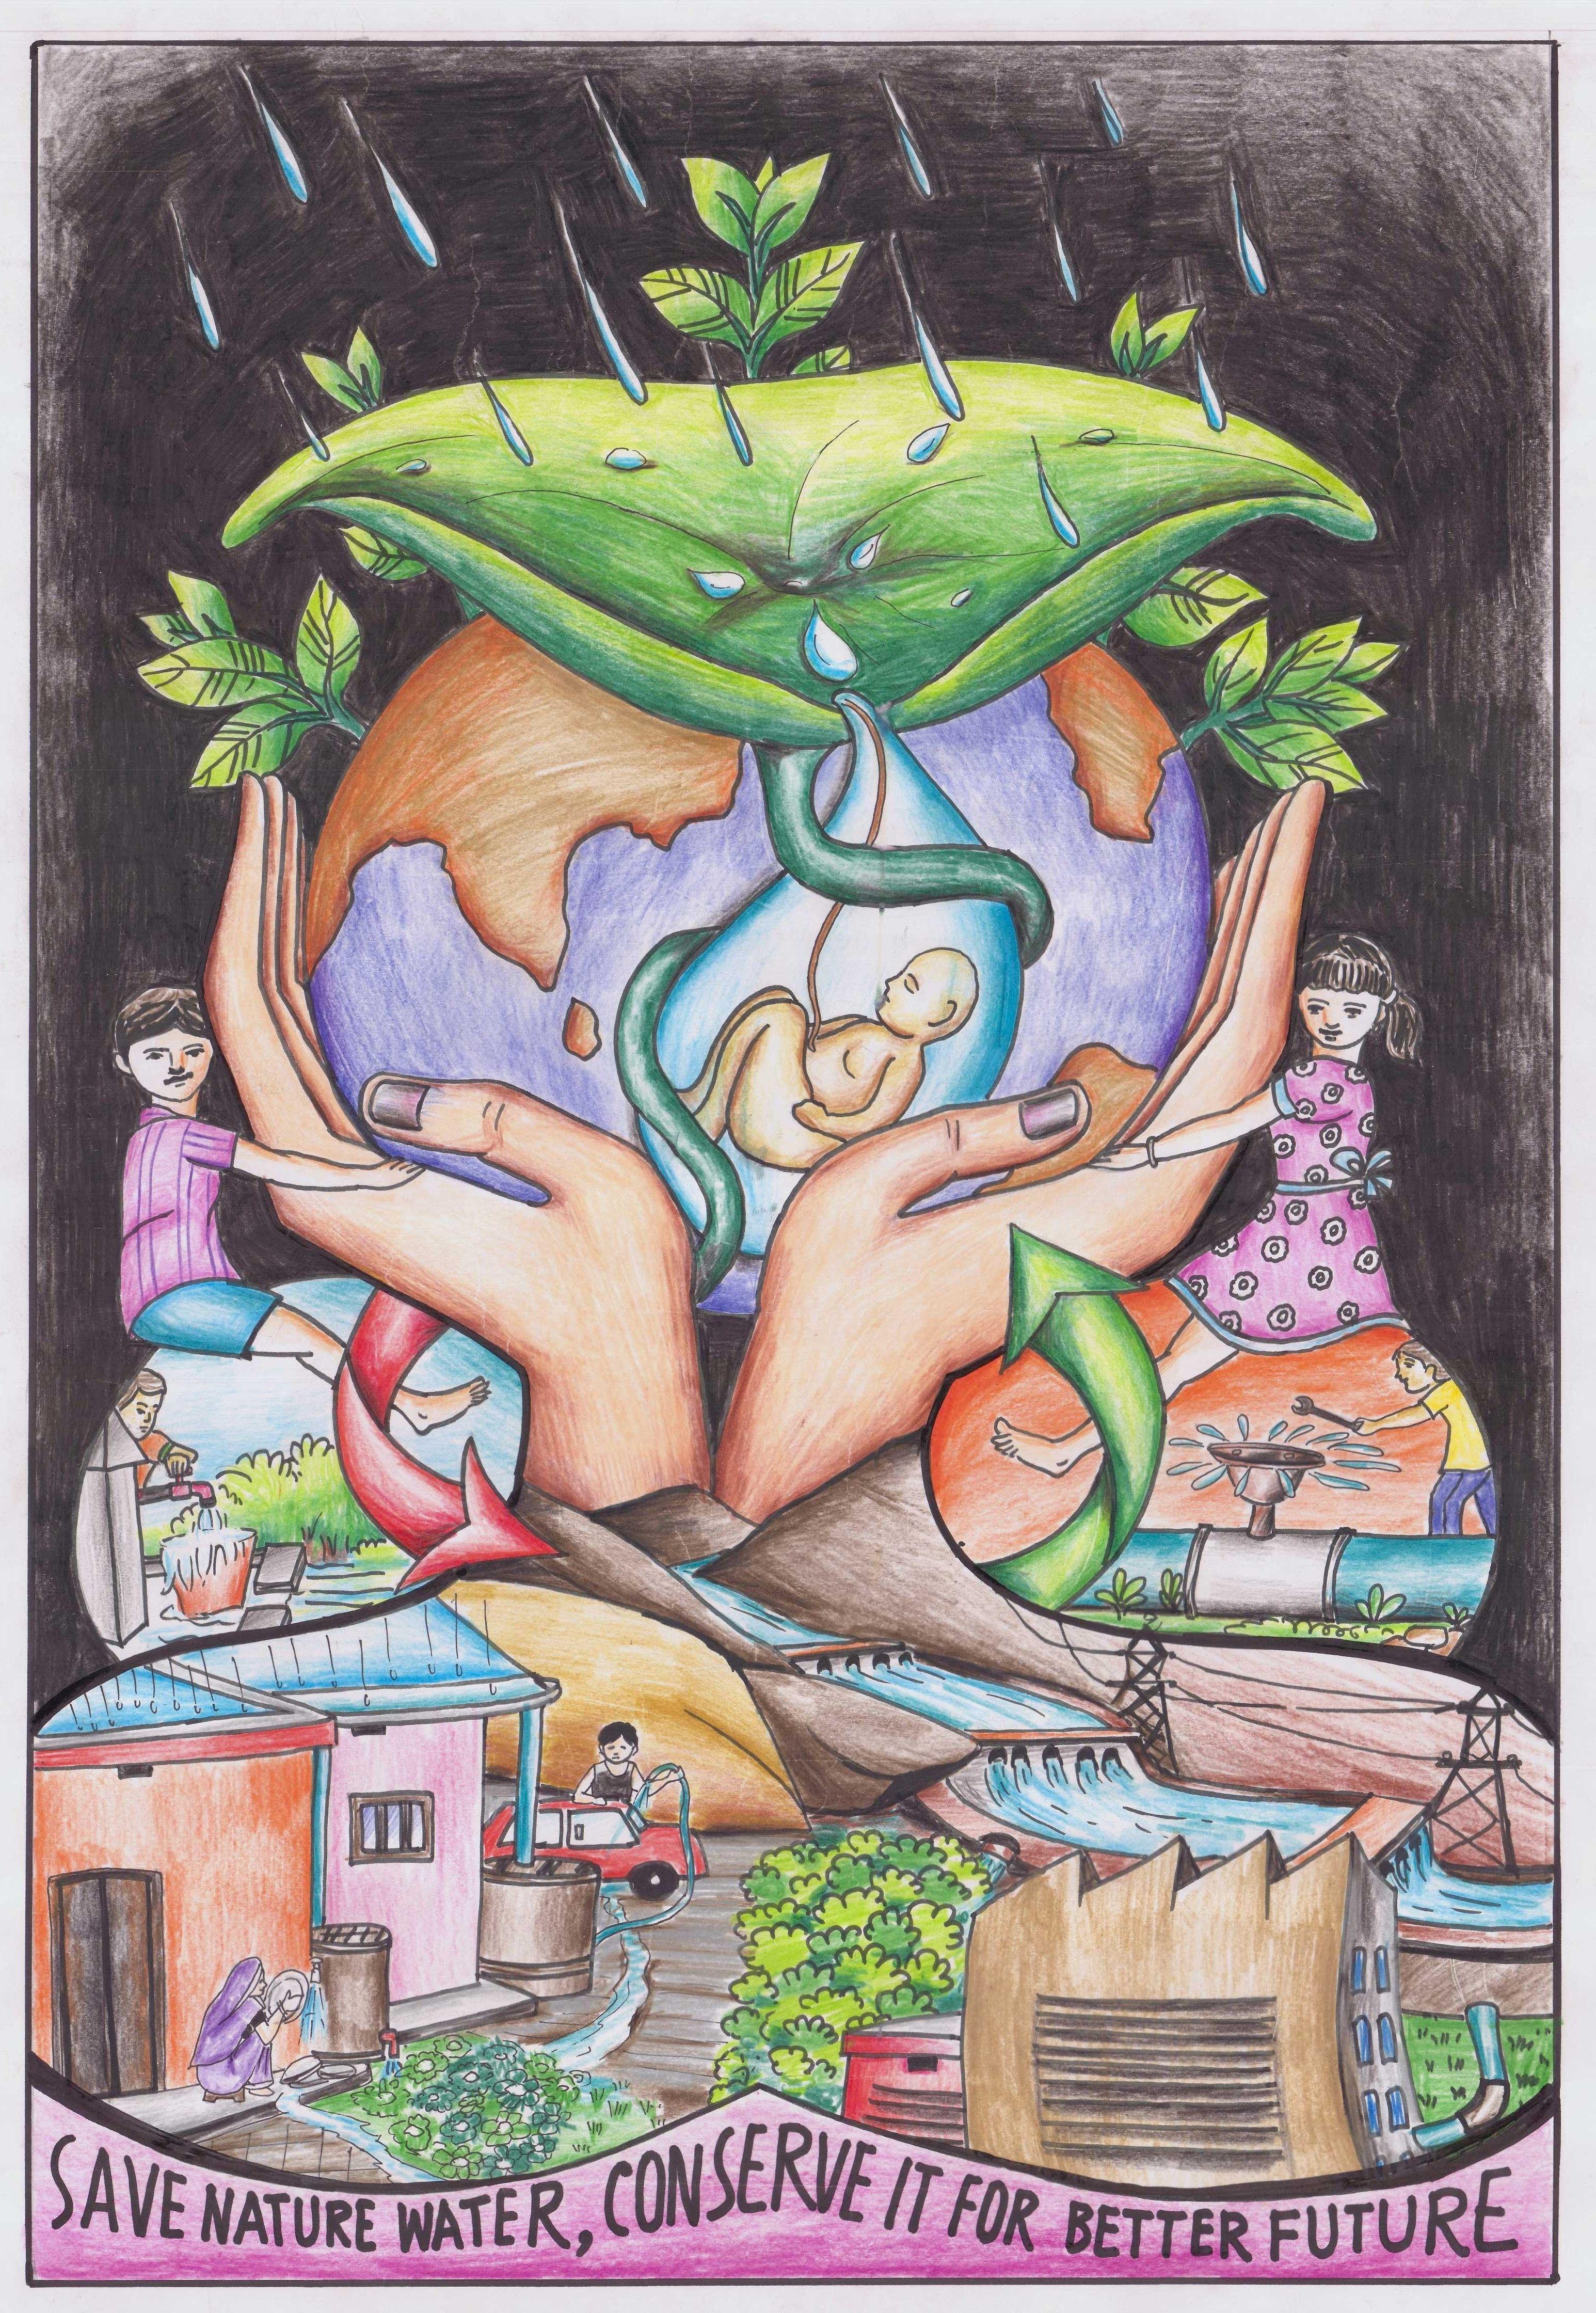 Poster From 2nd Winner Binita Biswajeeta Dav High School